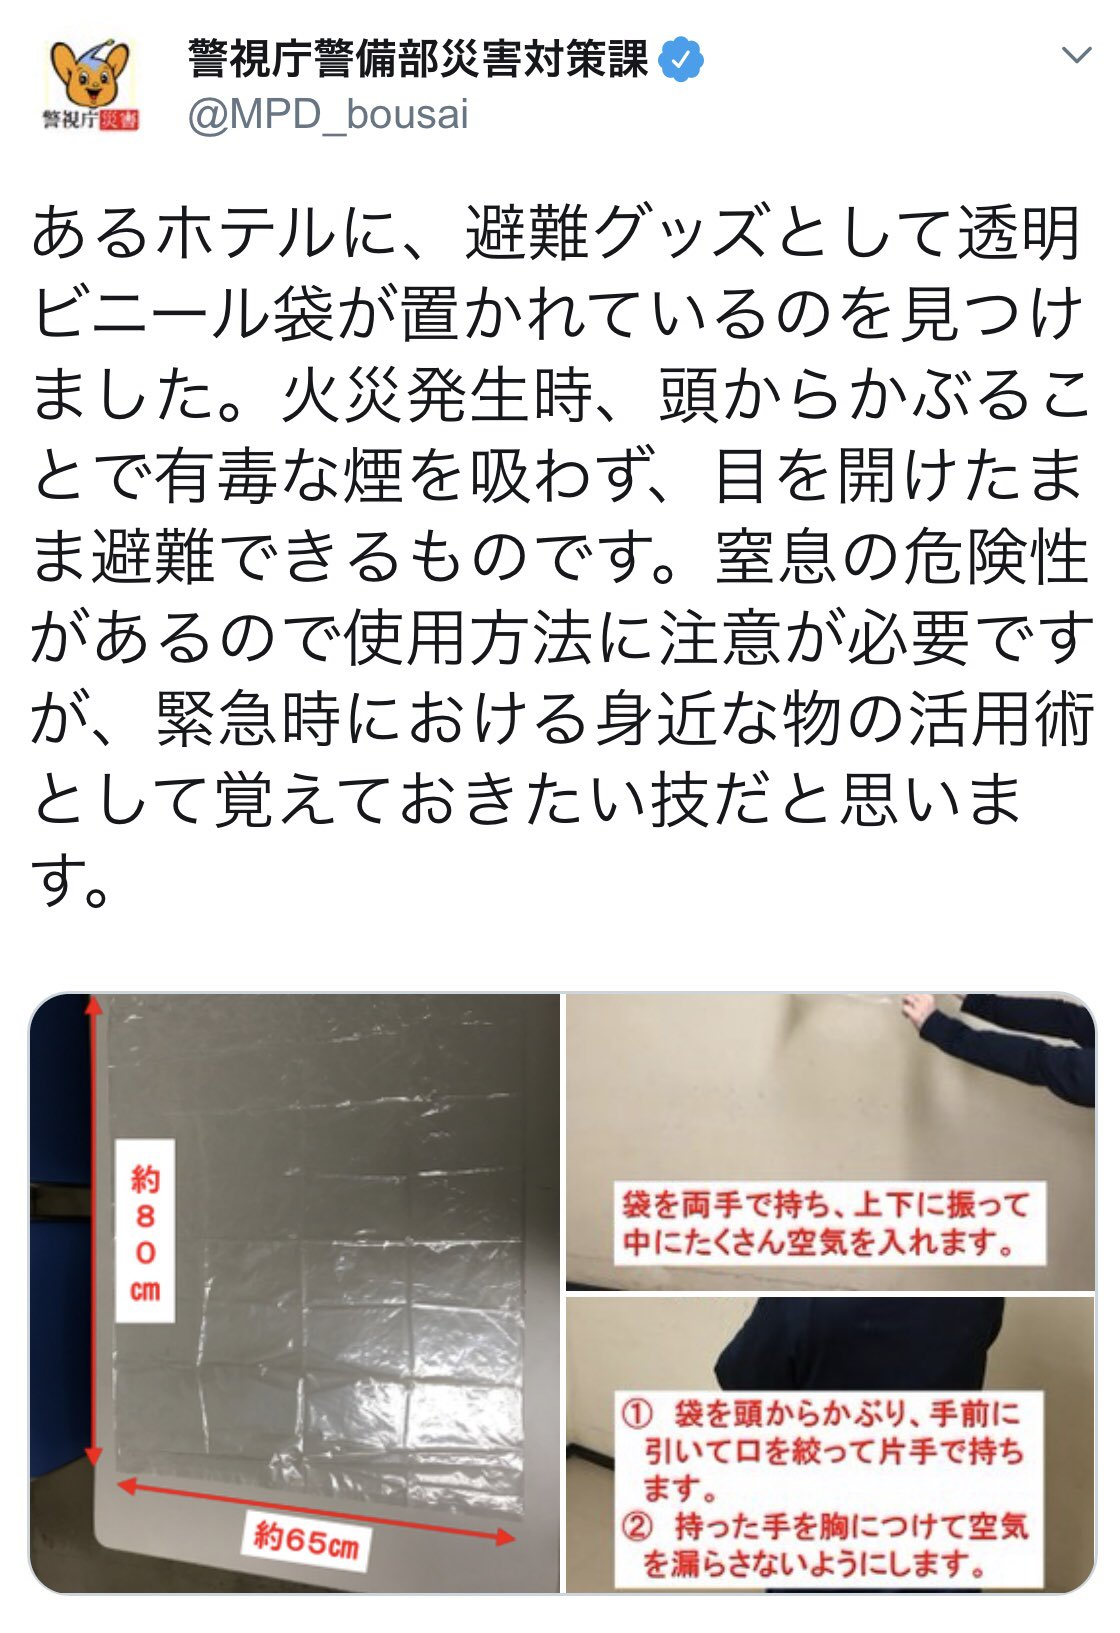 画像,災害の時に役立ちそうなツイートを警視庁警備部災害対策課 @MPD_bousai がいつもツイートしております地震もいつ起きるかわかりませんし、僕も阪神と東北をモ…